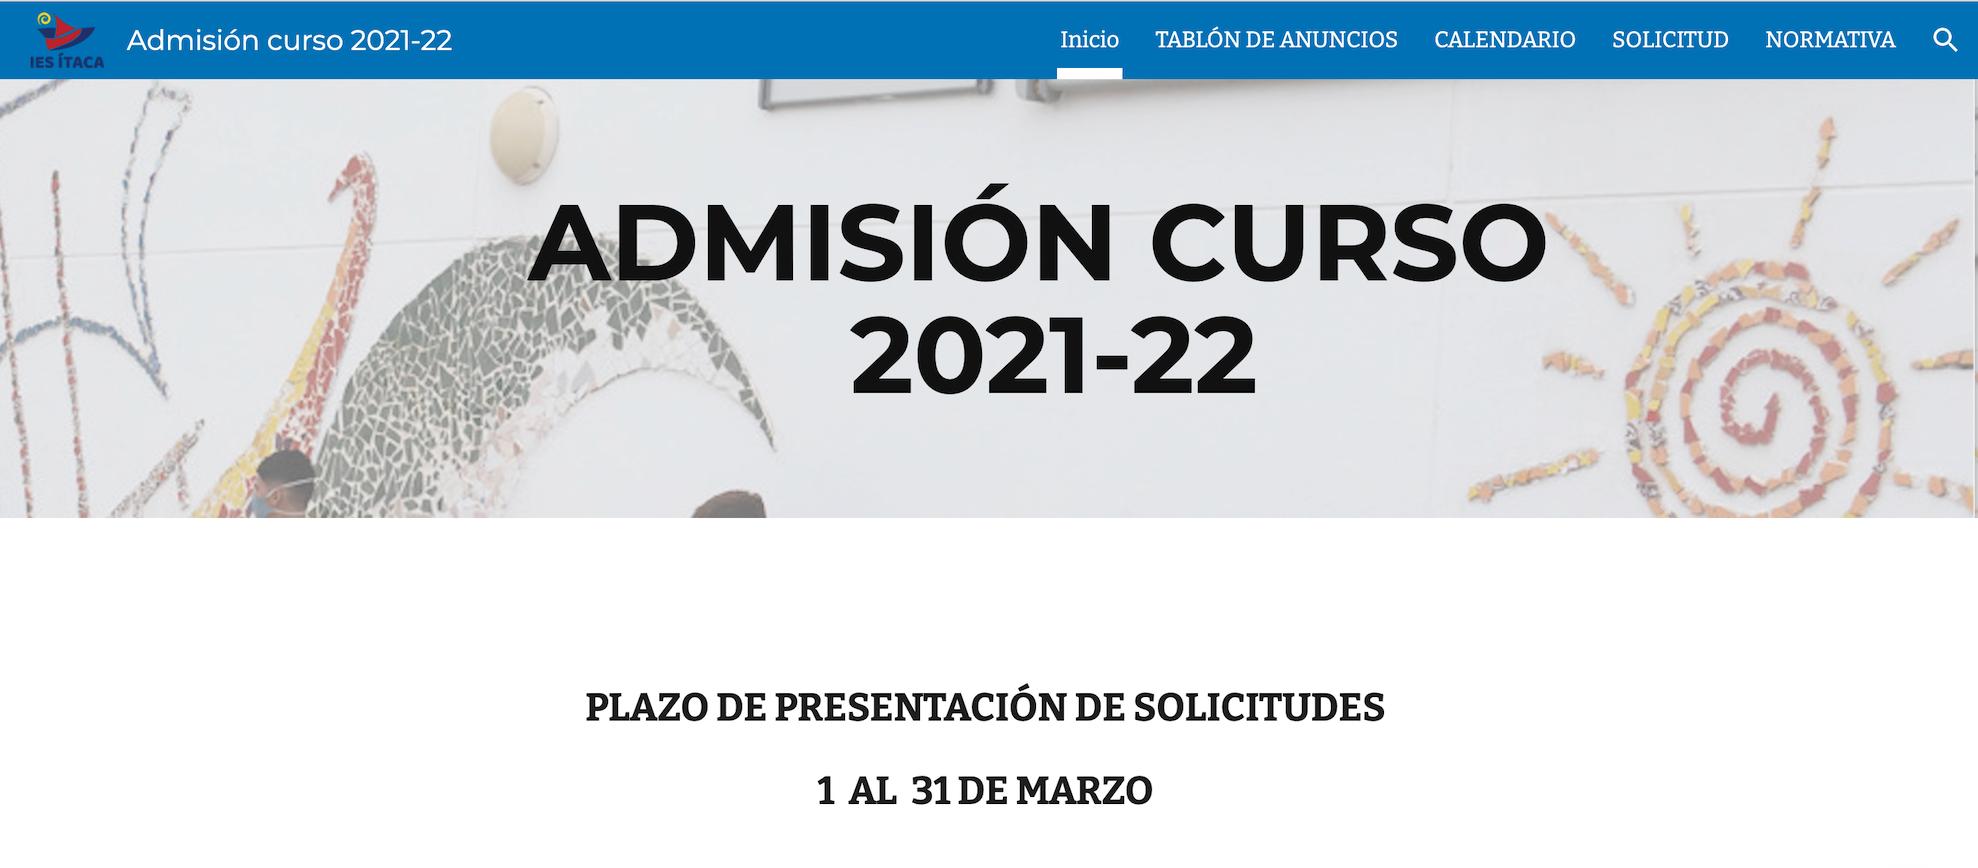 SOLICITUD DE ADMISIÓN CURSO 2021-22